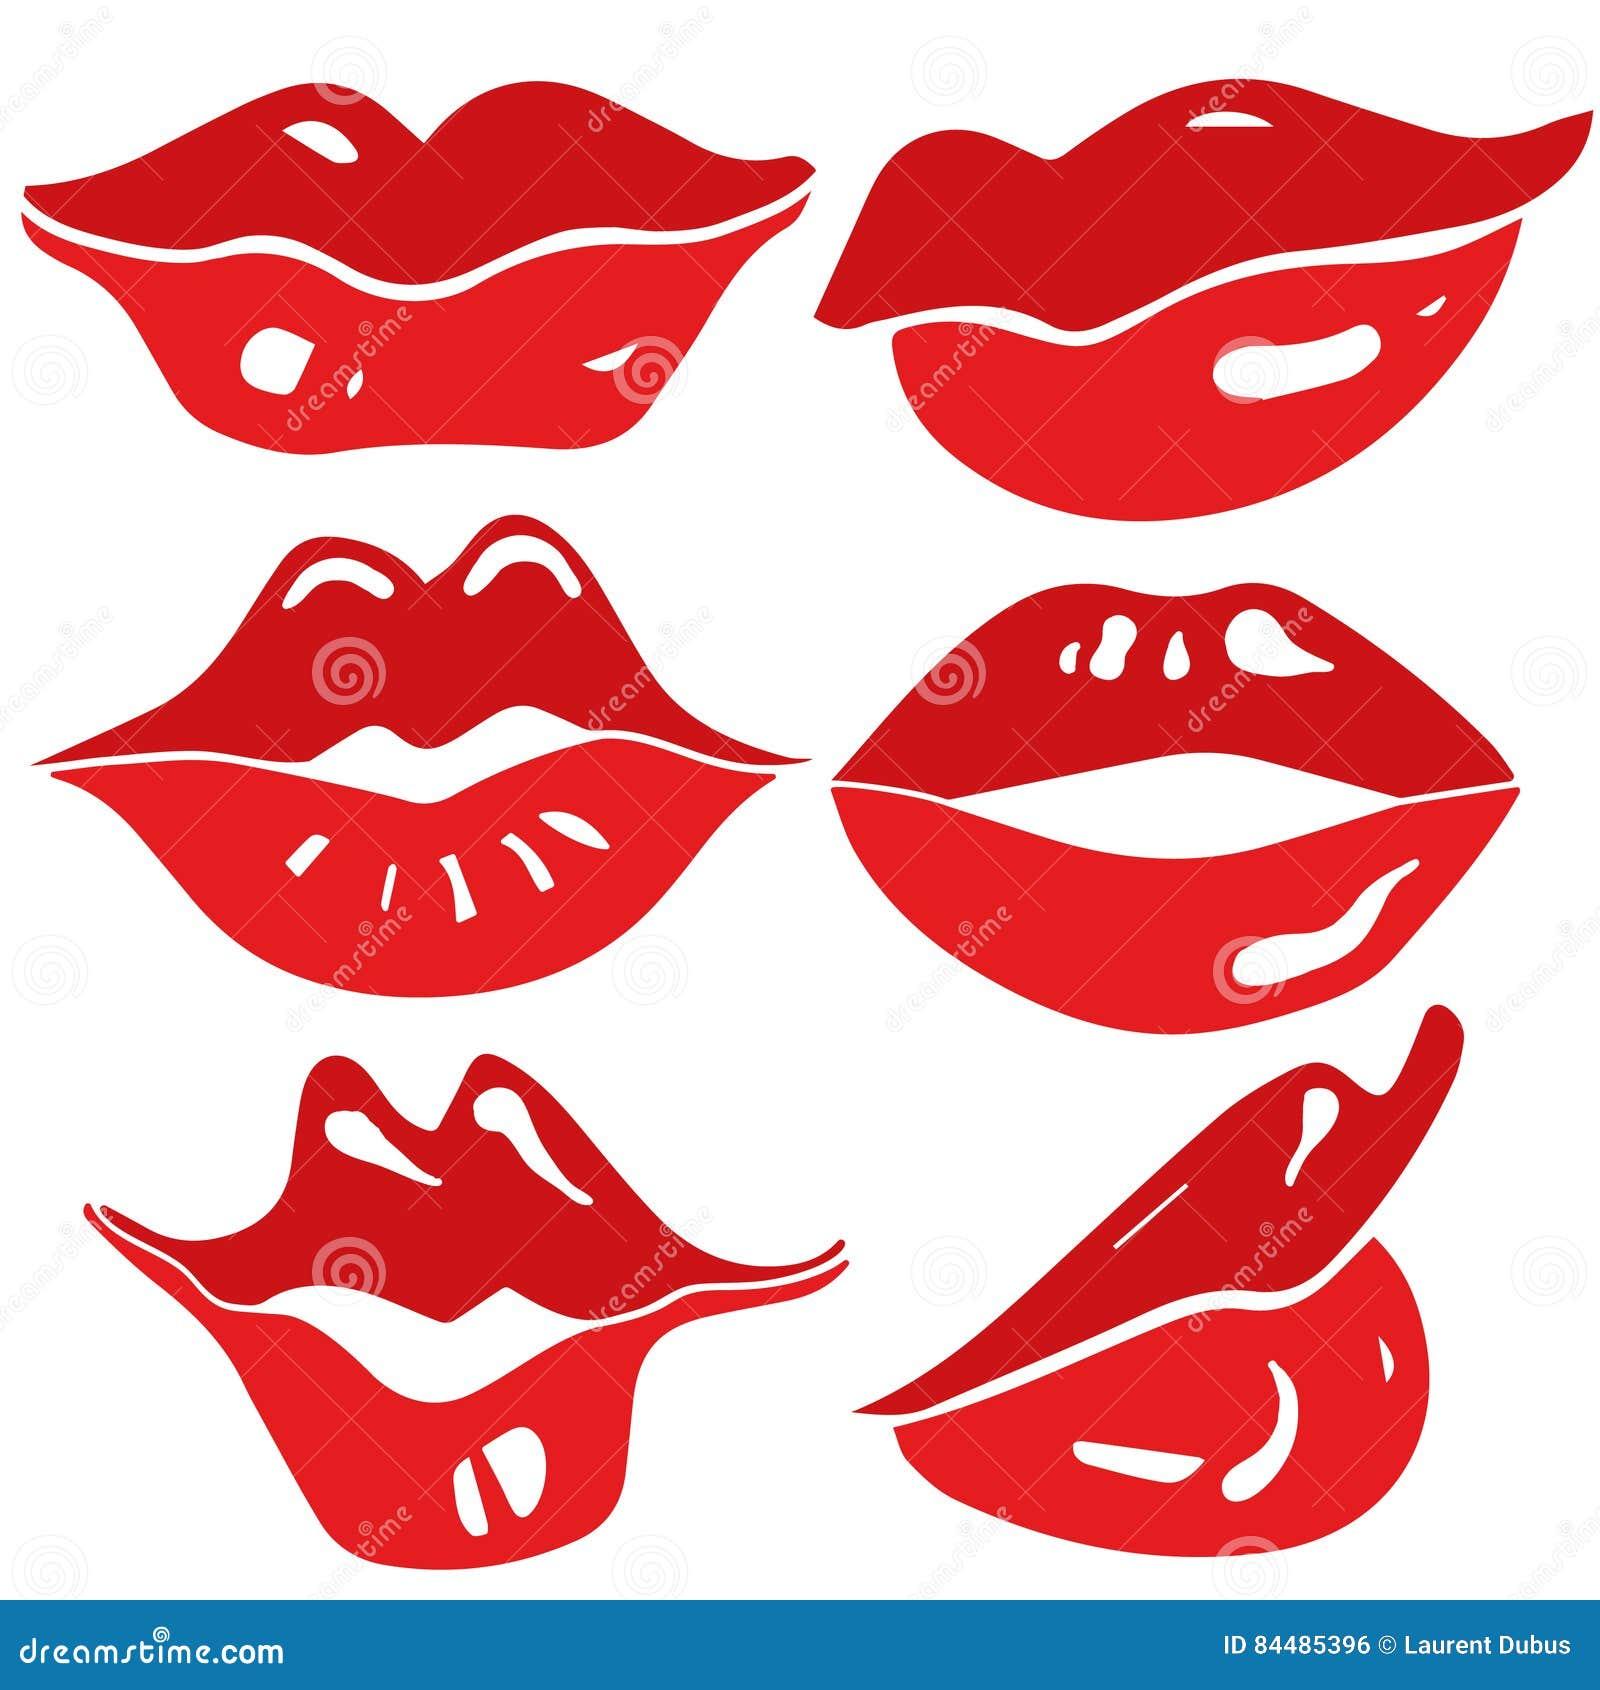 female lips set - vector